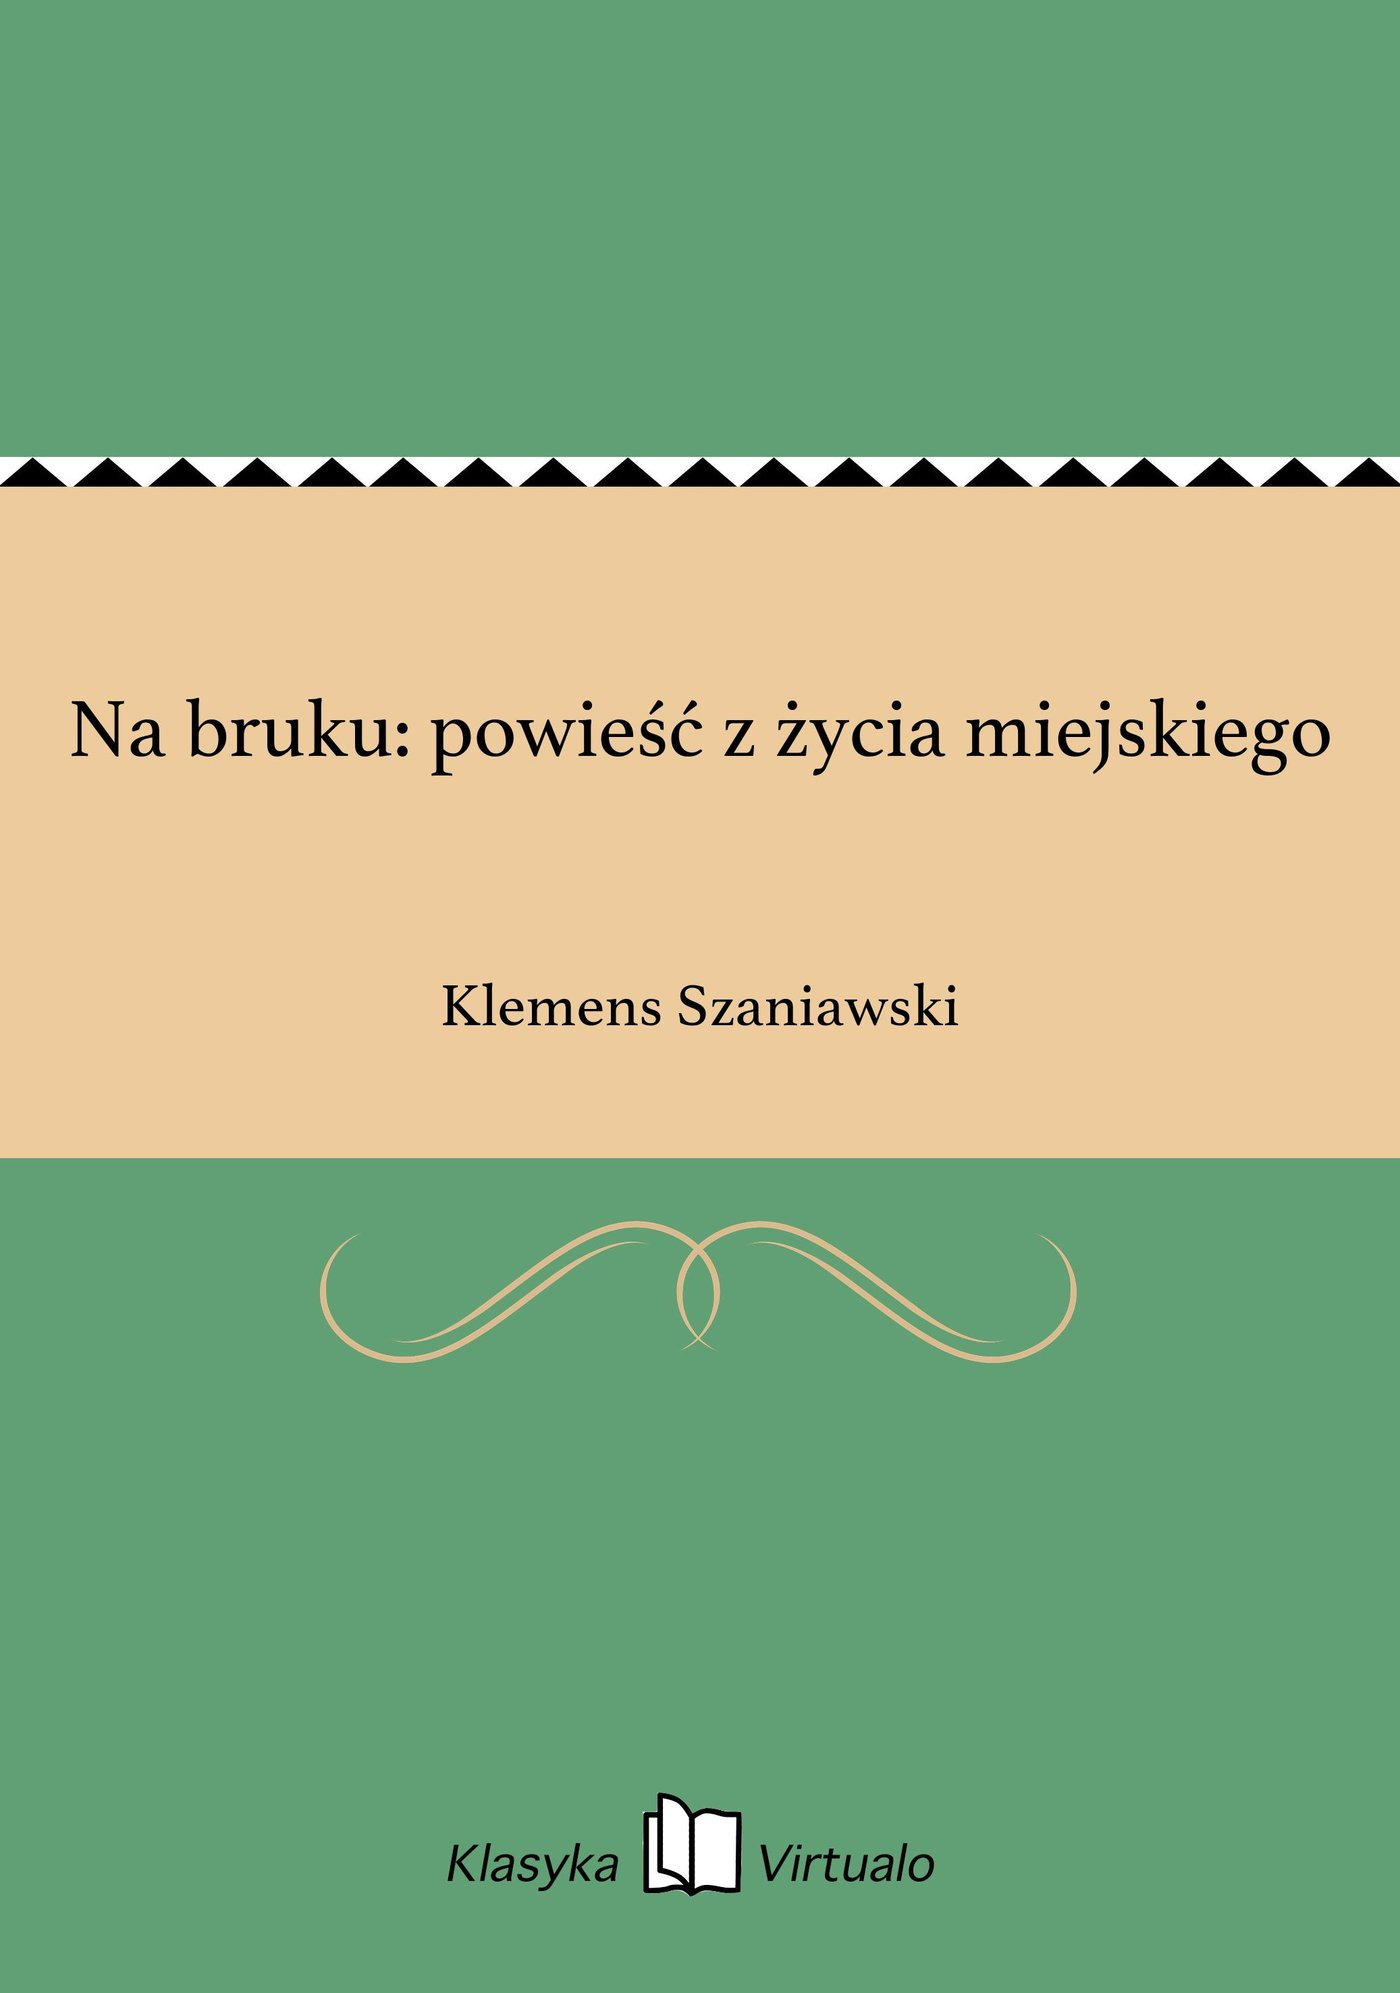 Na bruku: powieść z życia miejskiego - Ebook (Książka EPUB) do pobrania w formacie EPUB